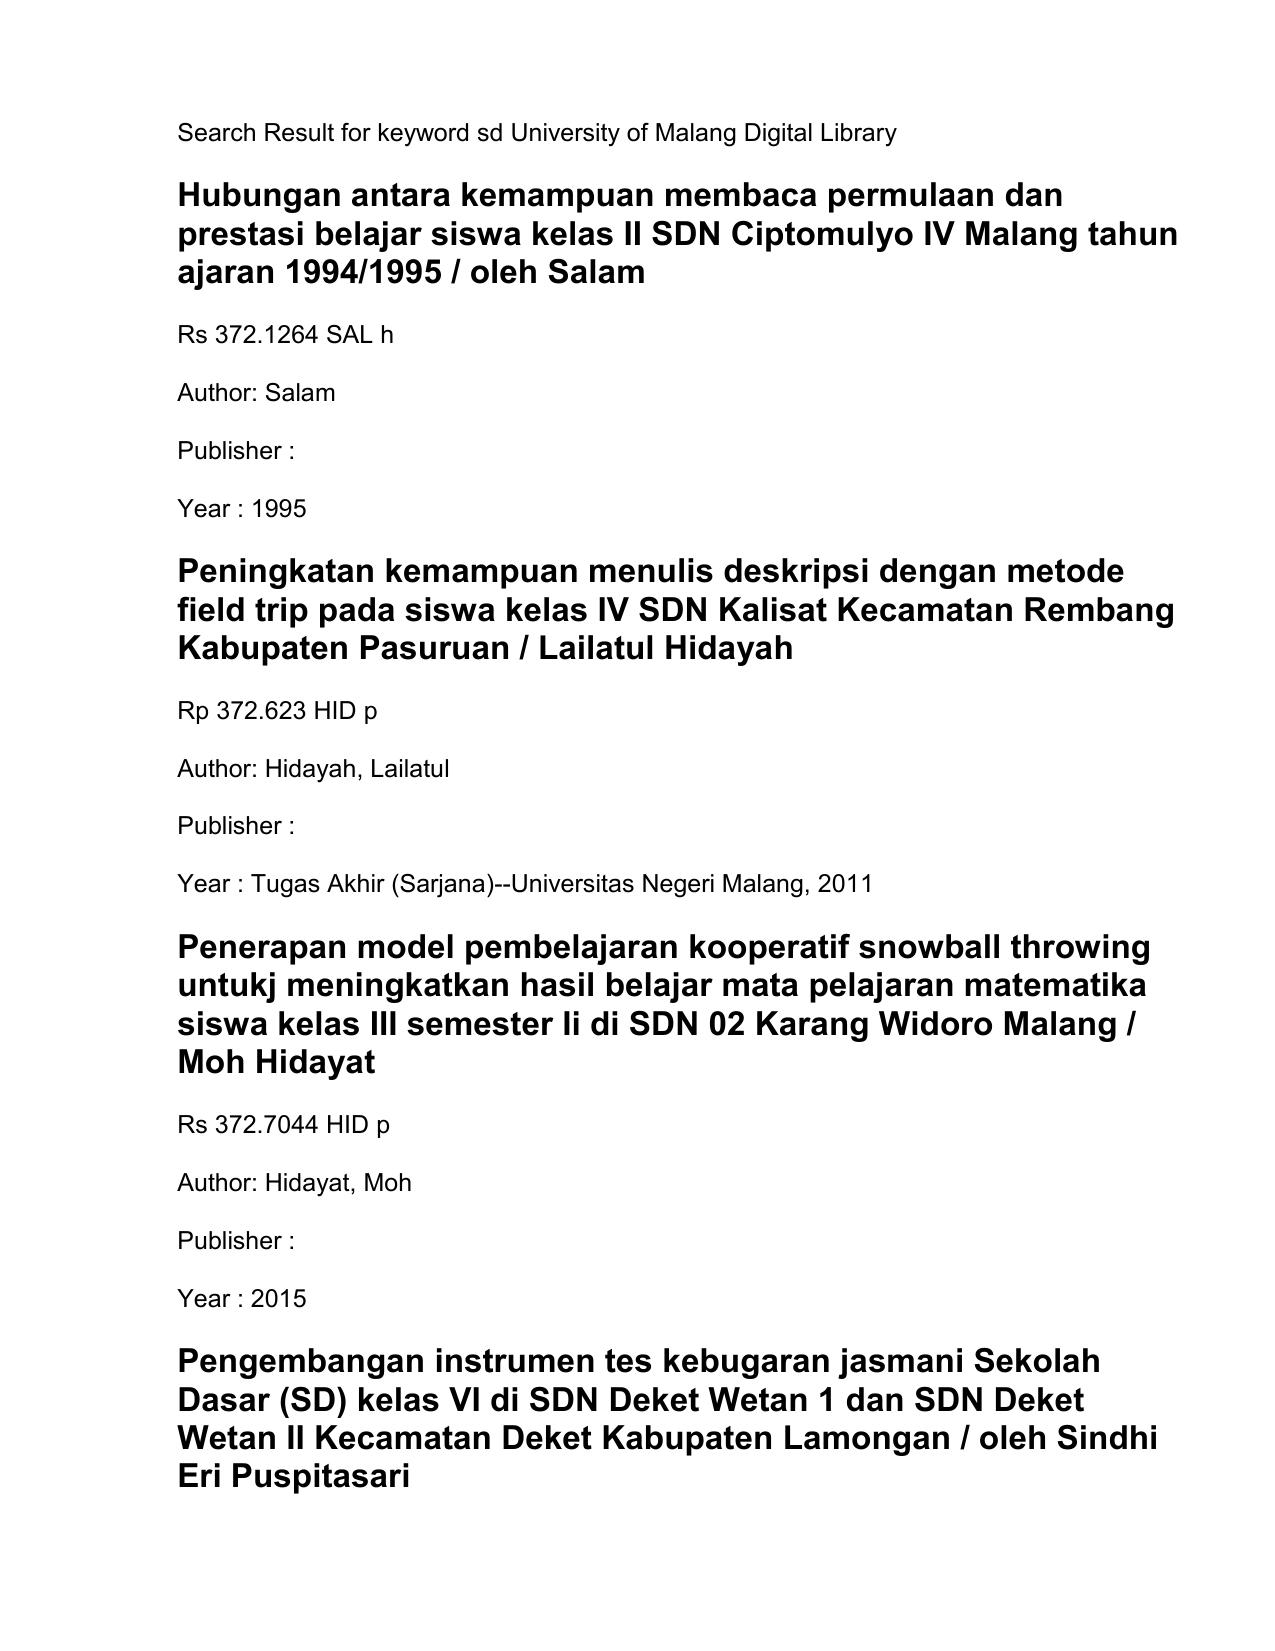 Search Result for keyword sd University of Malang Digital Library Hubungan antara kemampuan membaca permulaan dan prestasi belajar siswa kelas II SDN